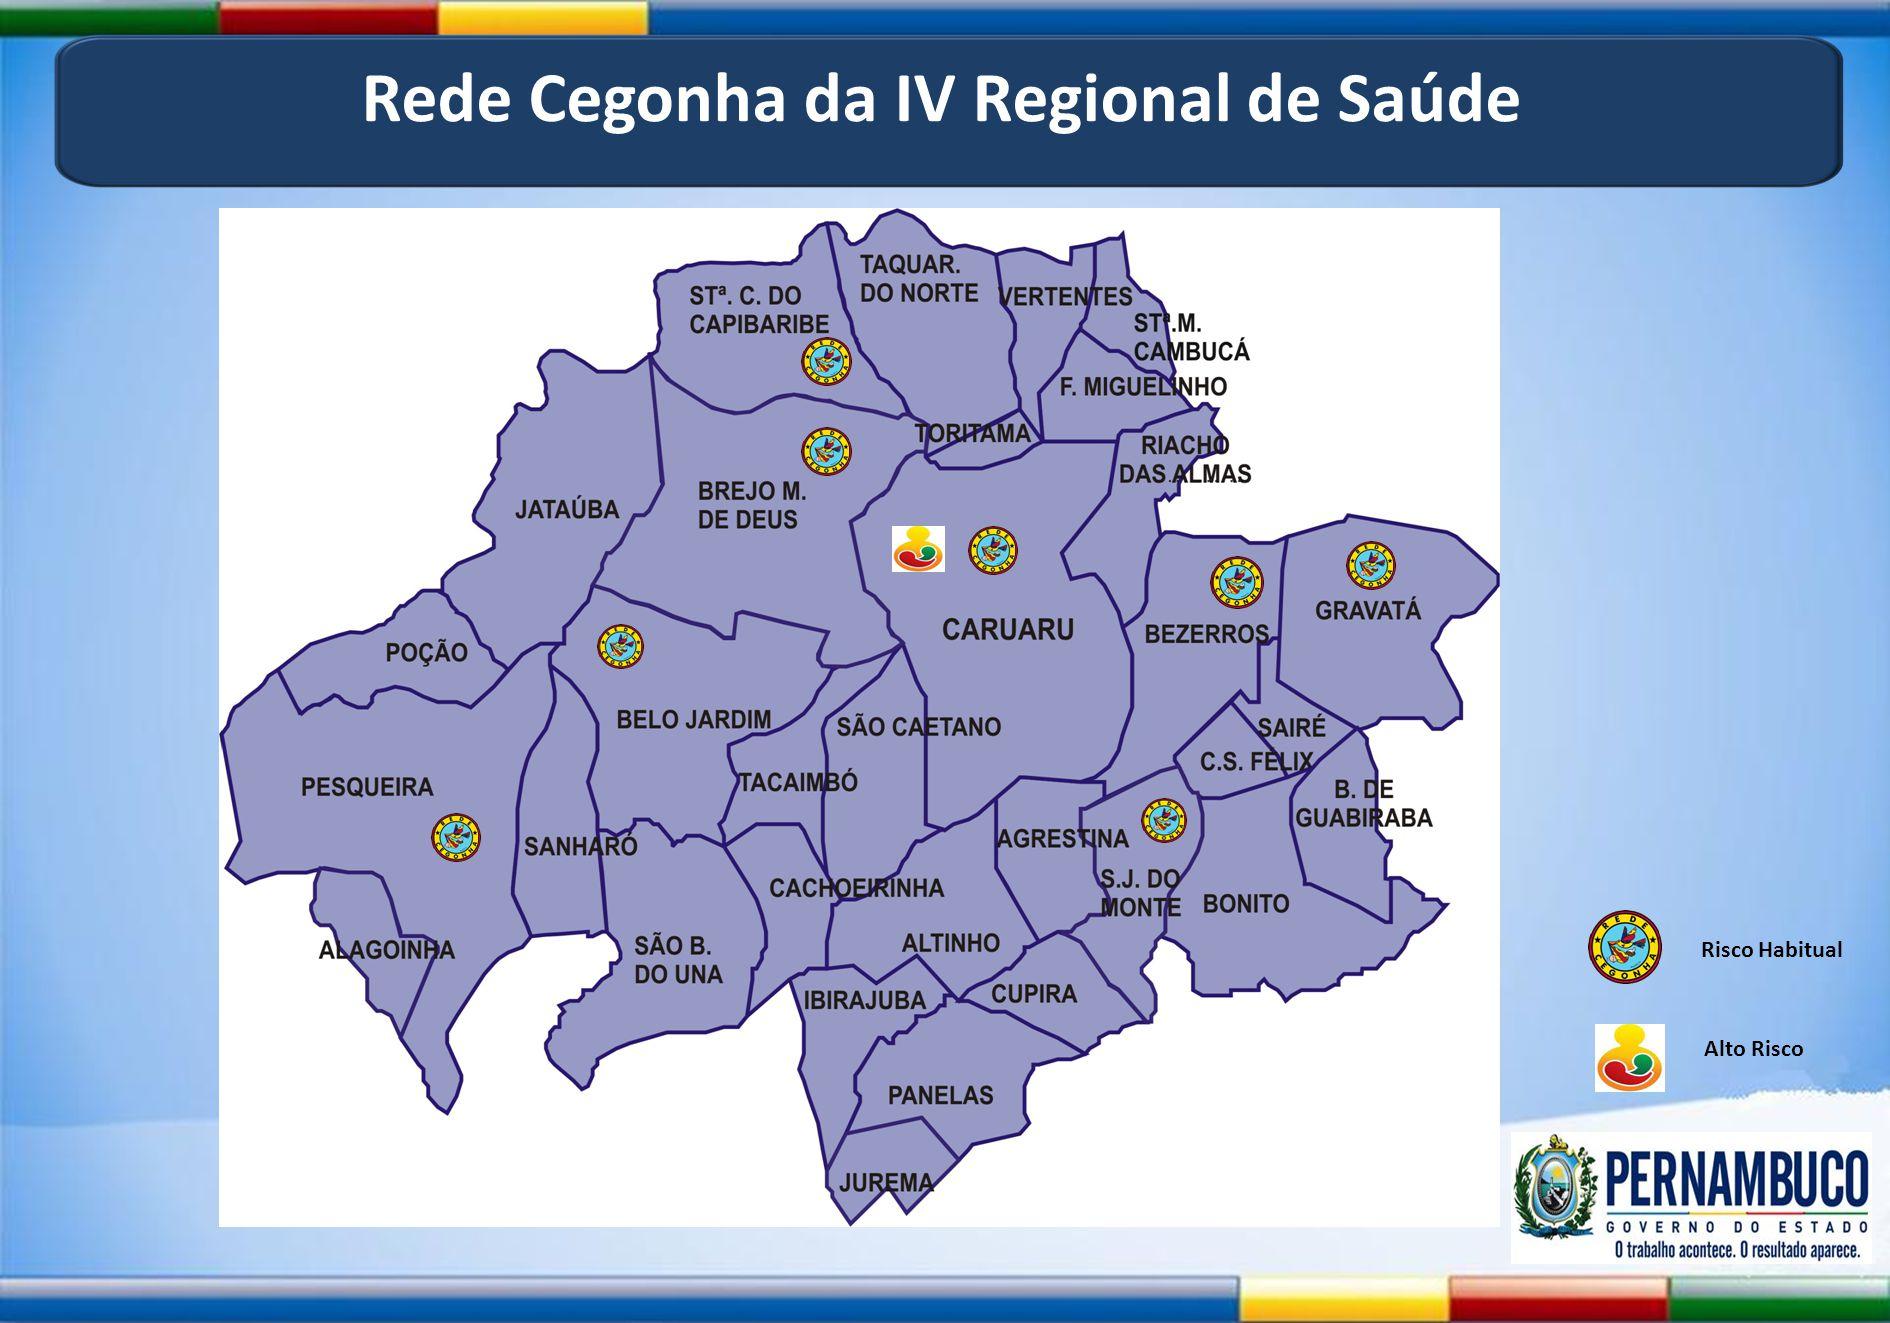 Rede Cegonha da IV Regional de Saúde